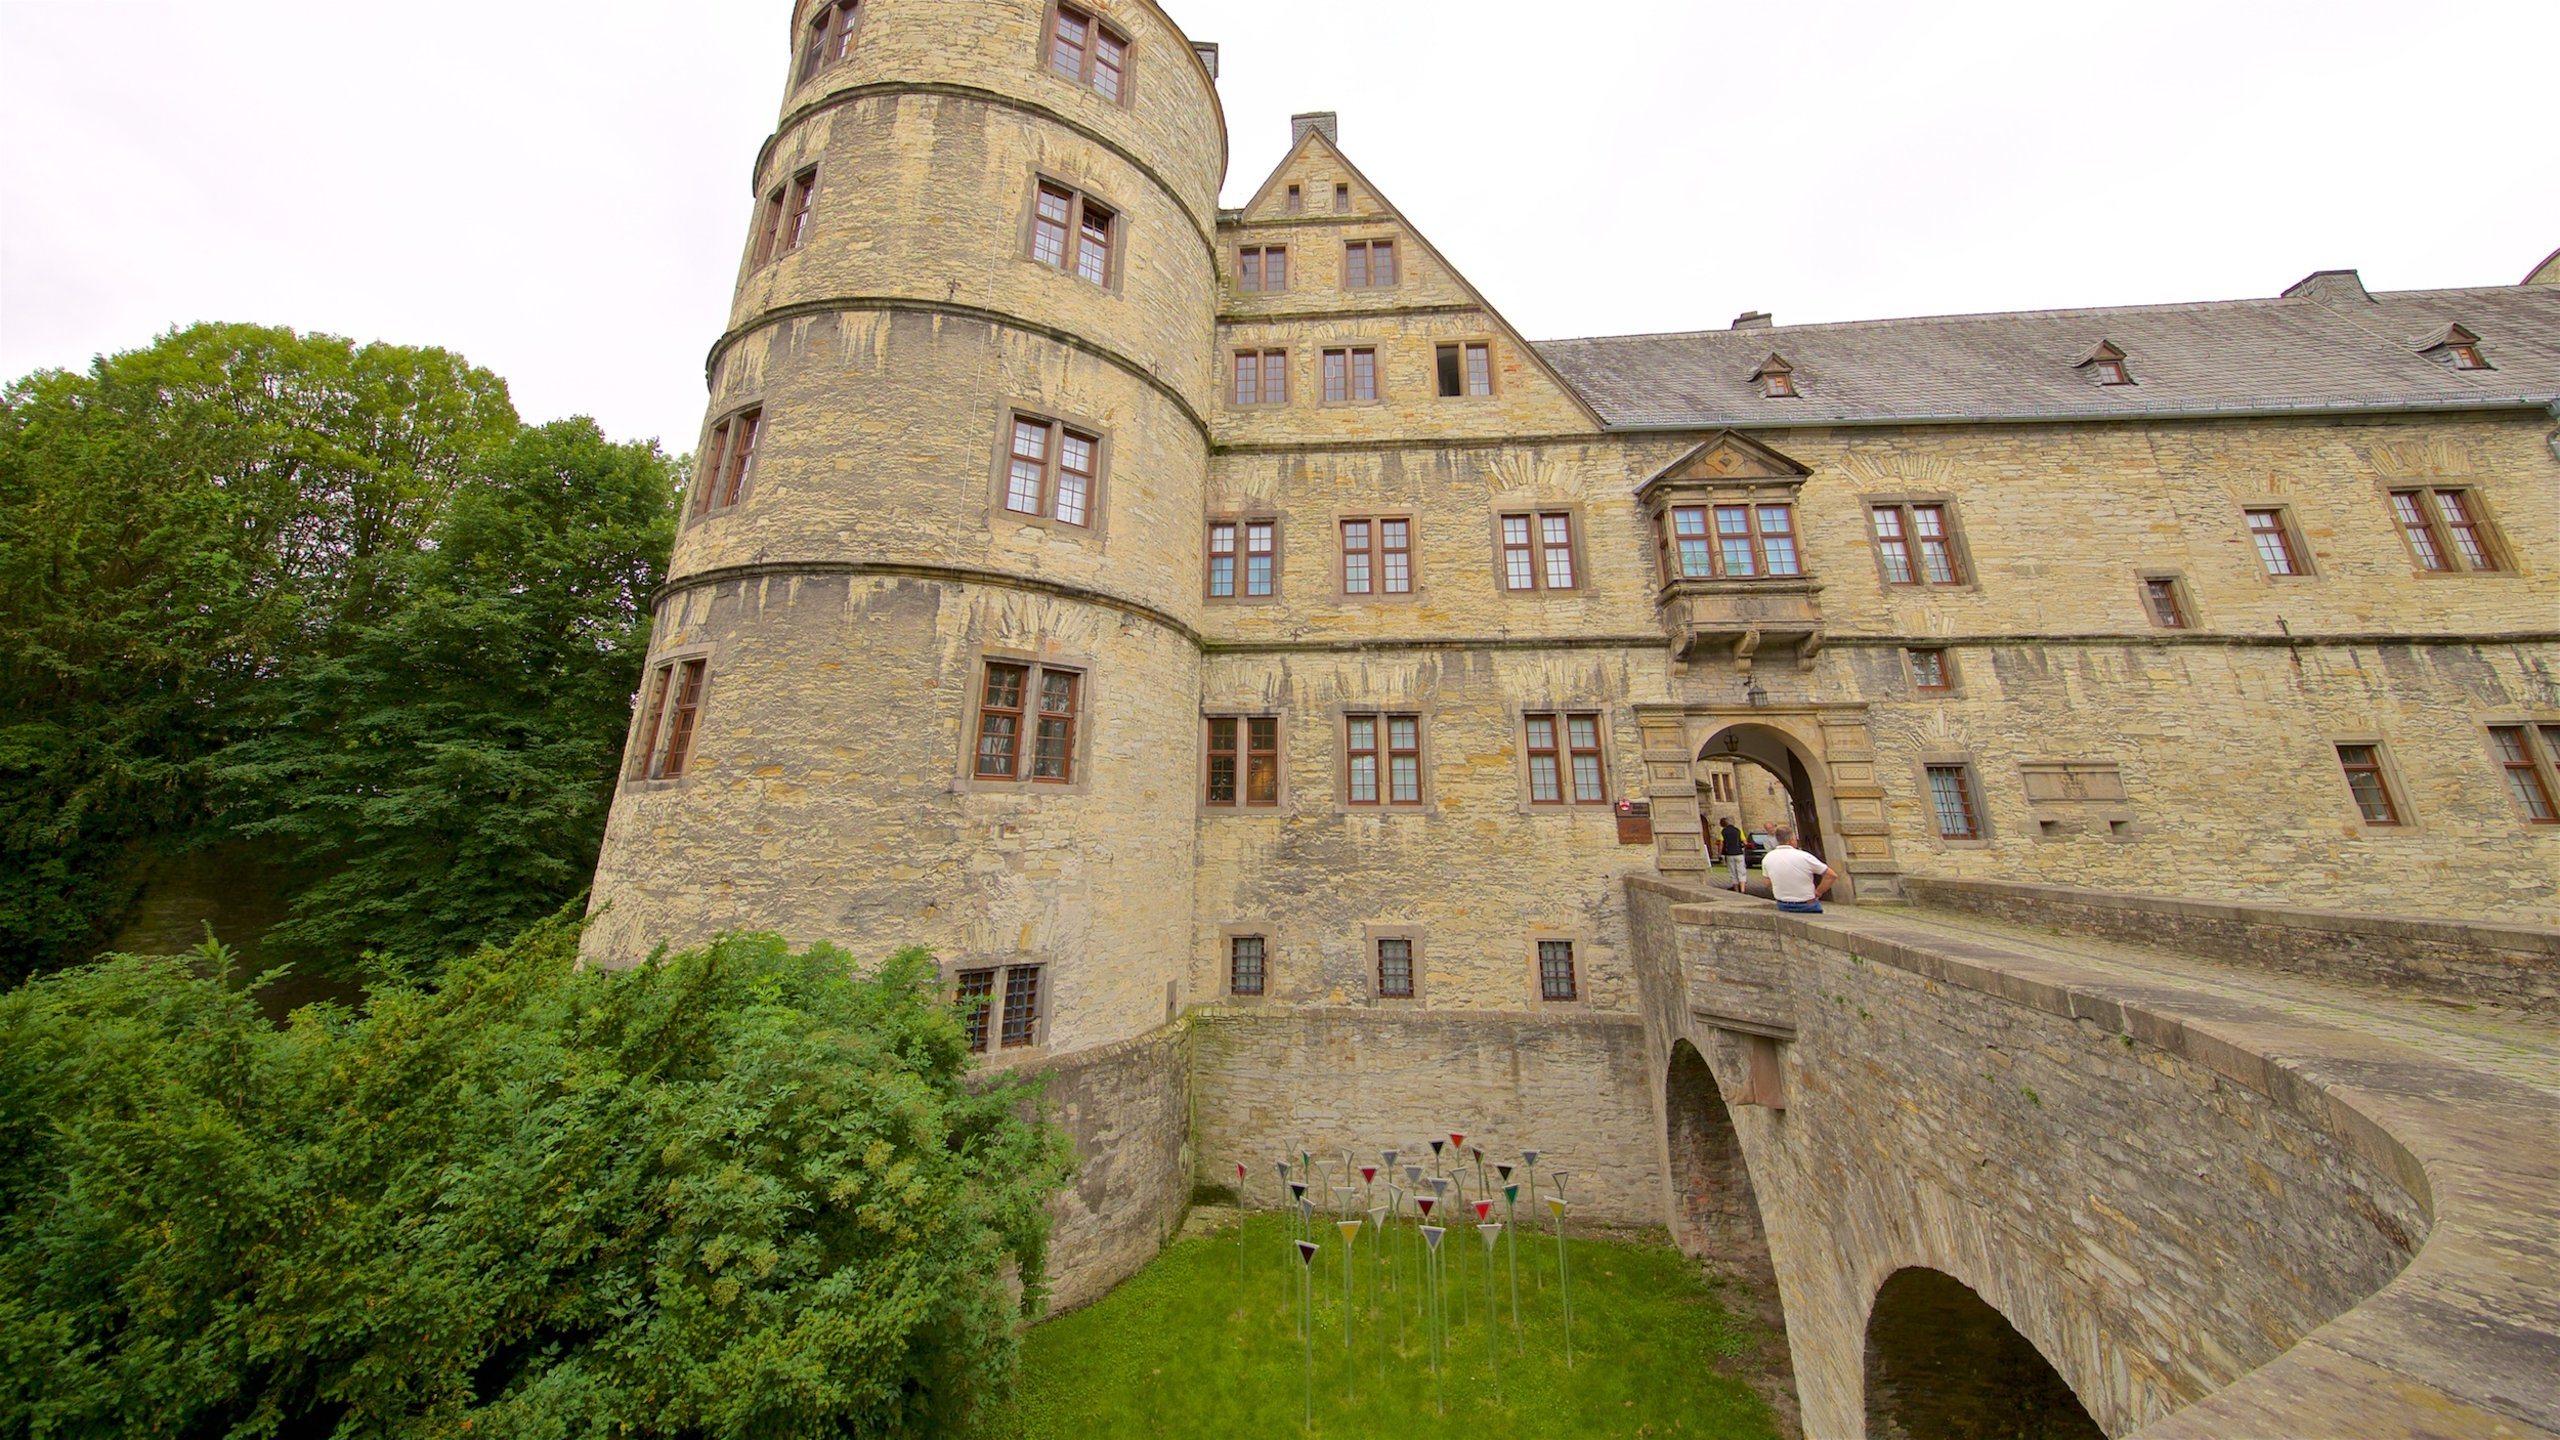 Wewelsburg, Büren, Nordrhein-Westfalen, Deutschland